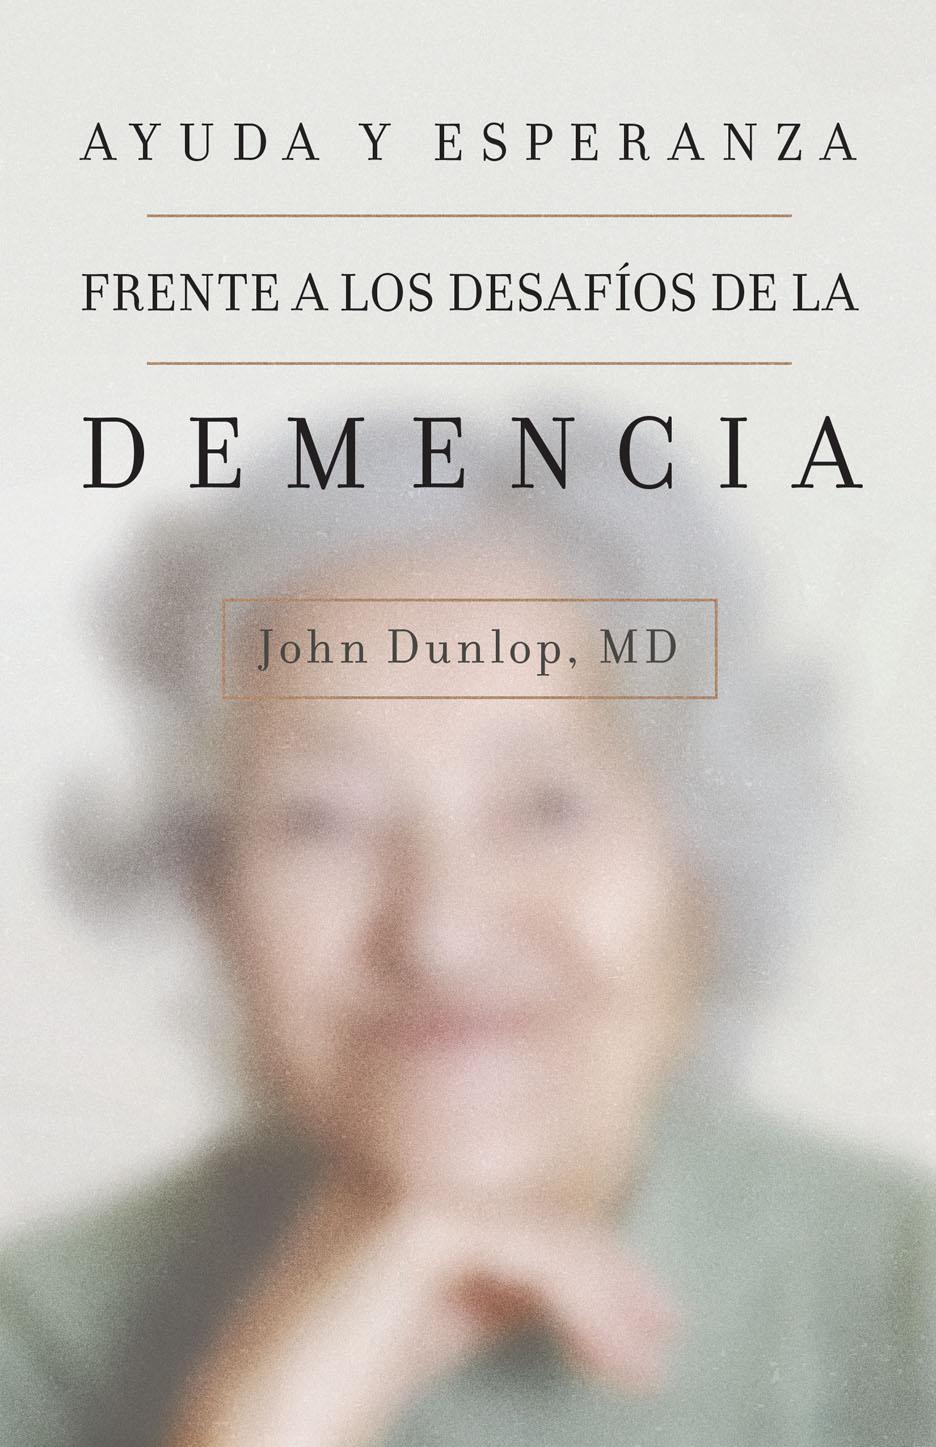 Ayuda y Esperanza Frente a los Desafíos de la Demencia